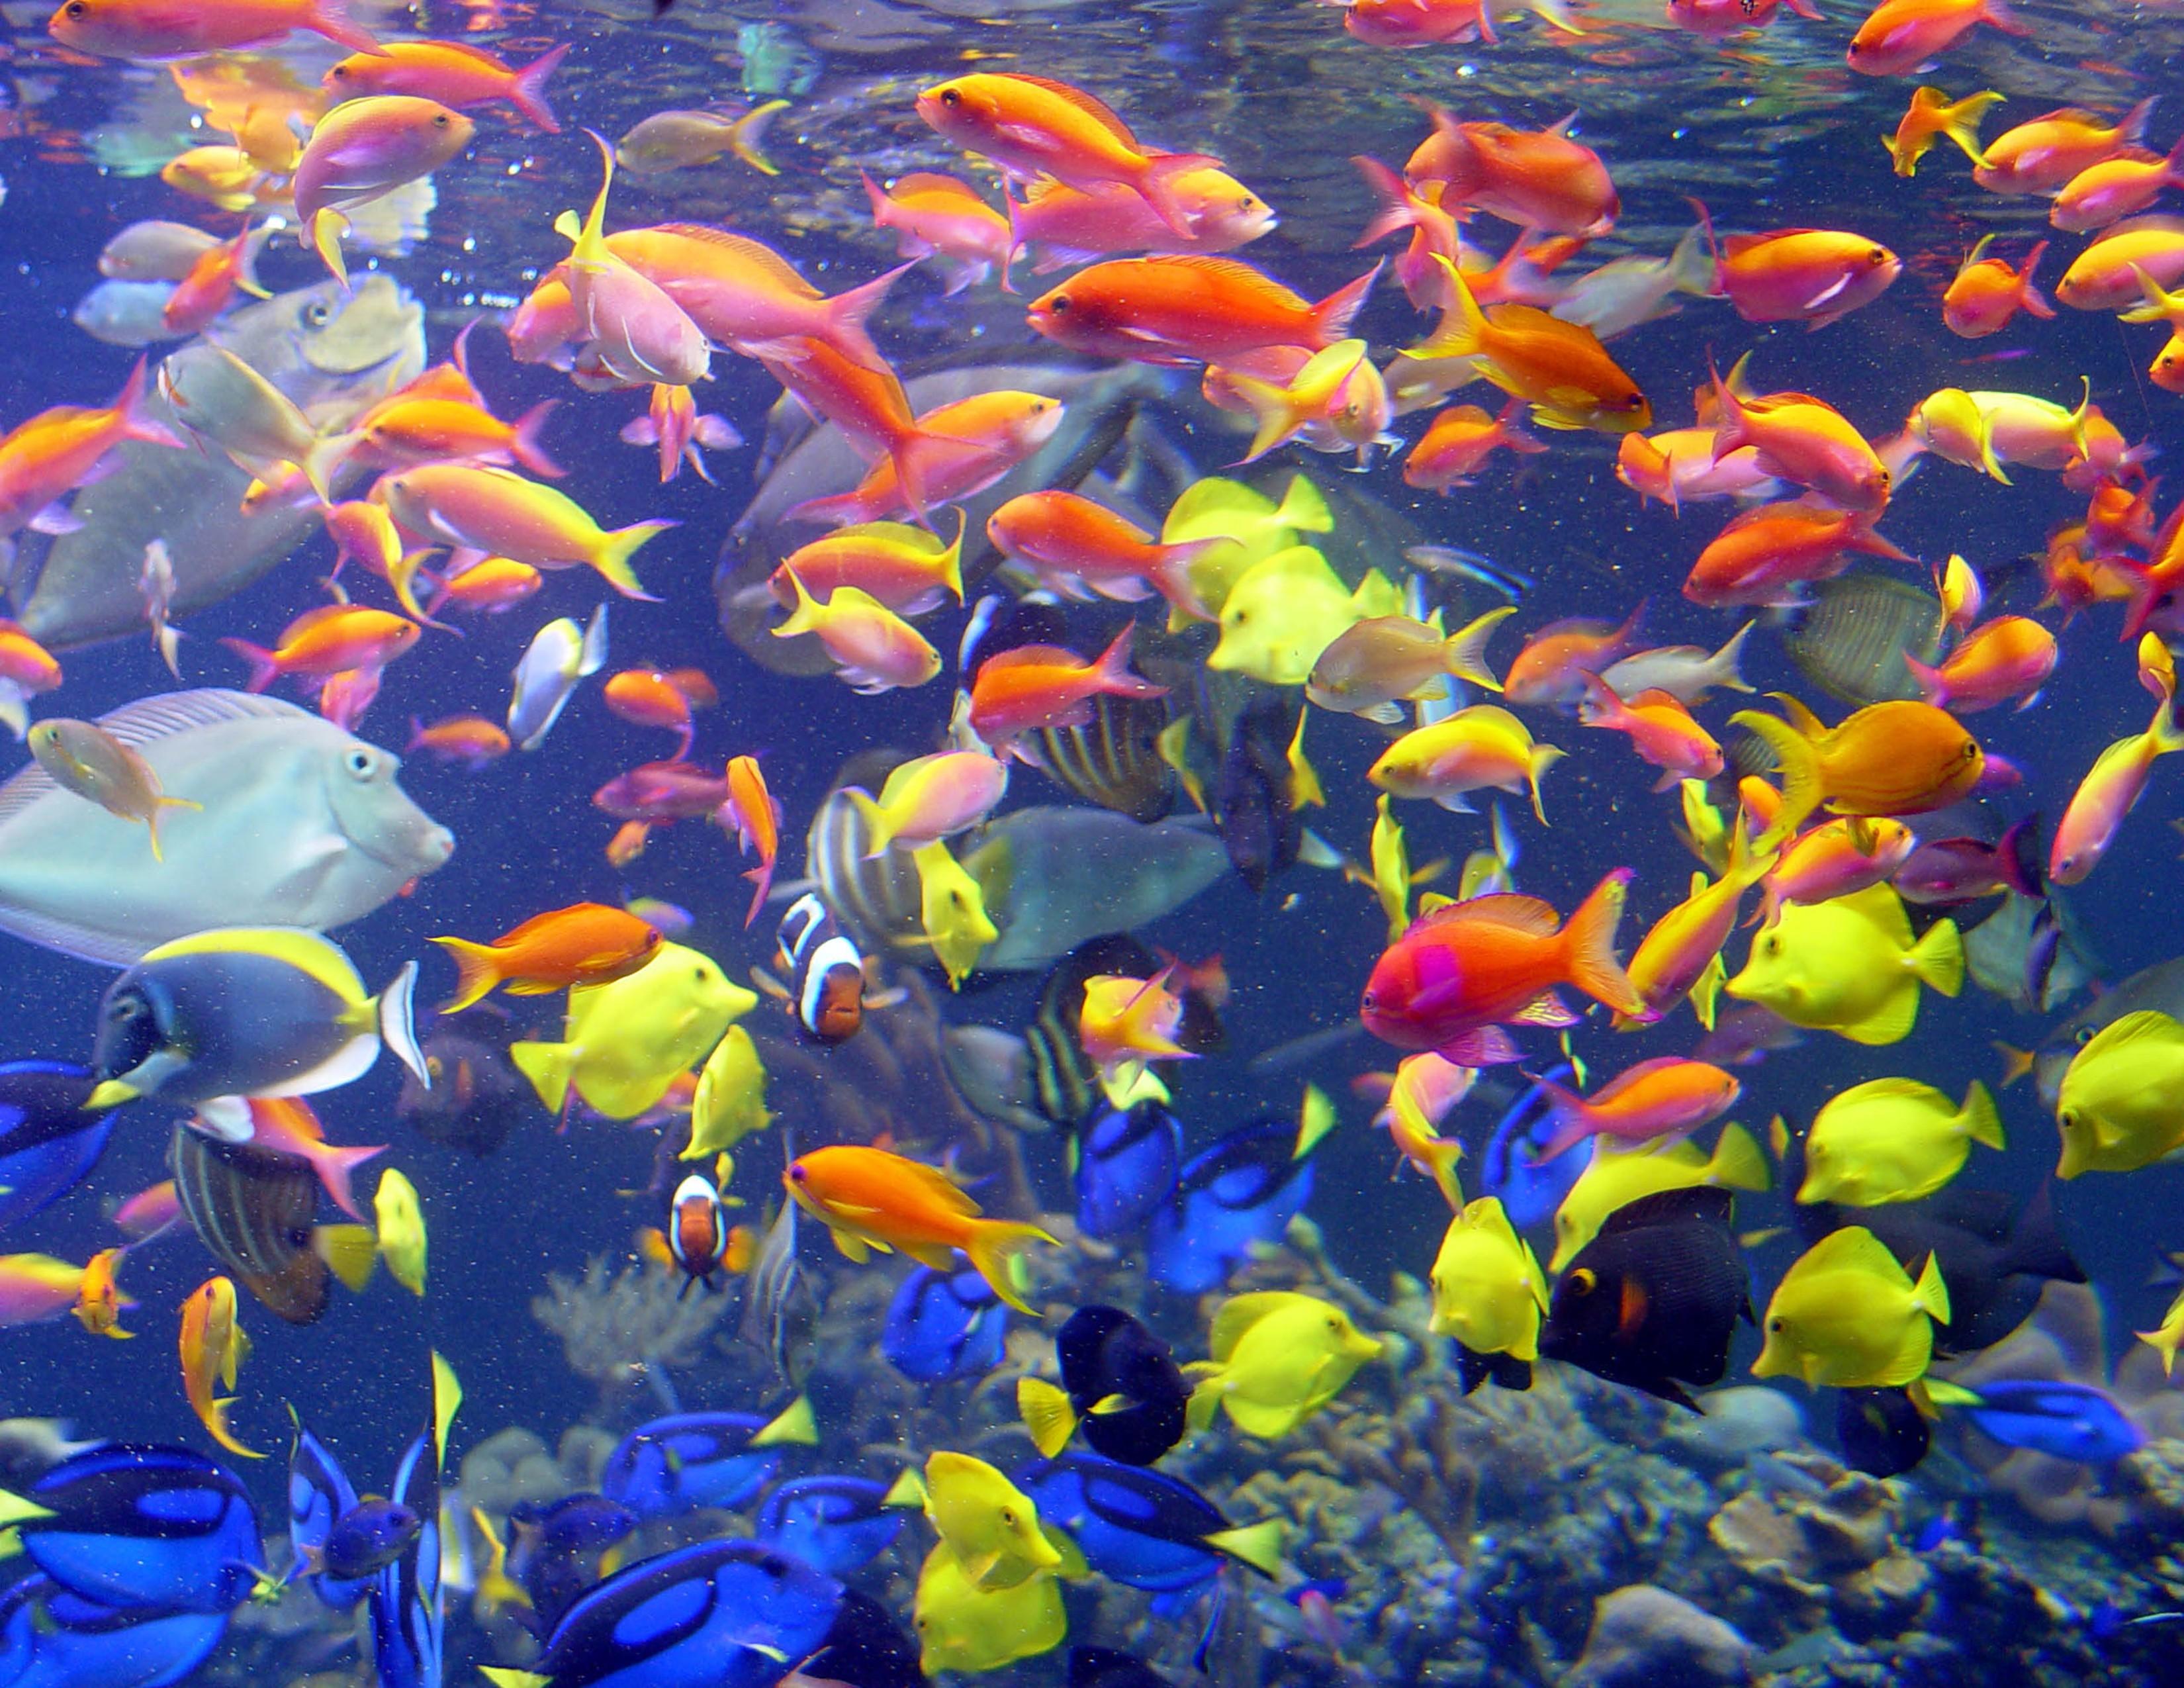 картинки стаи рыбок под водой тайну рассказали мне запись